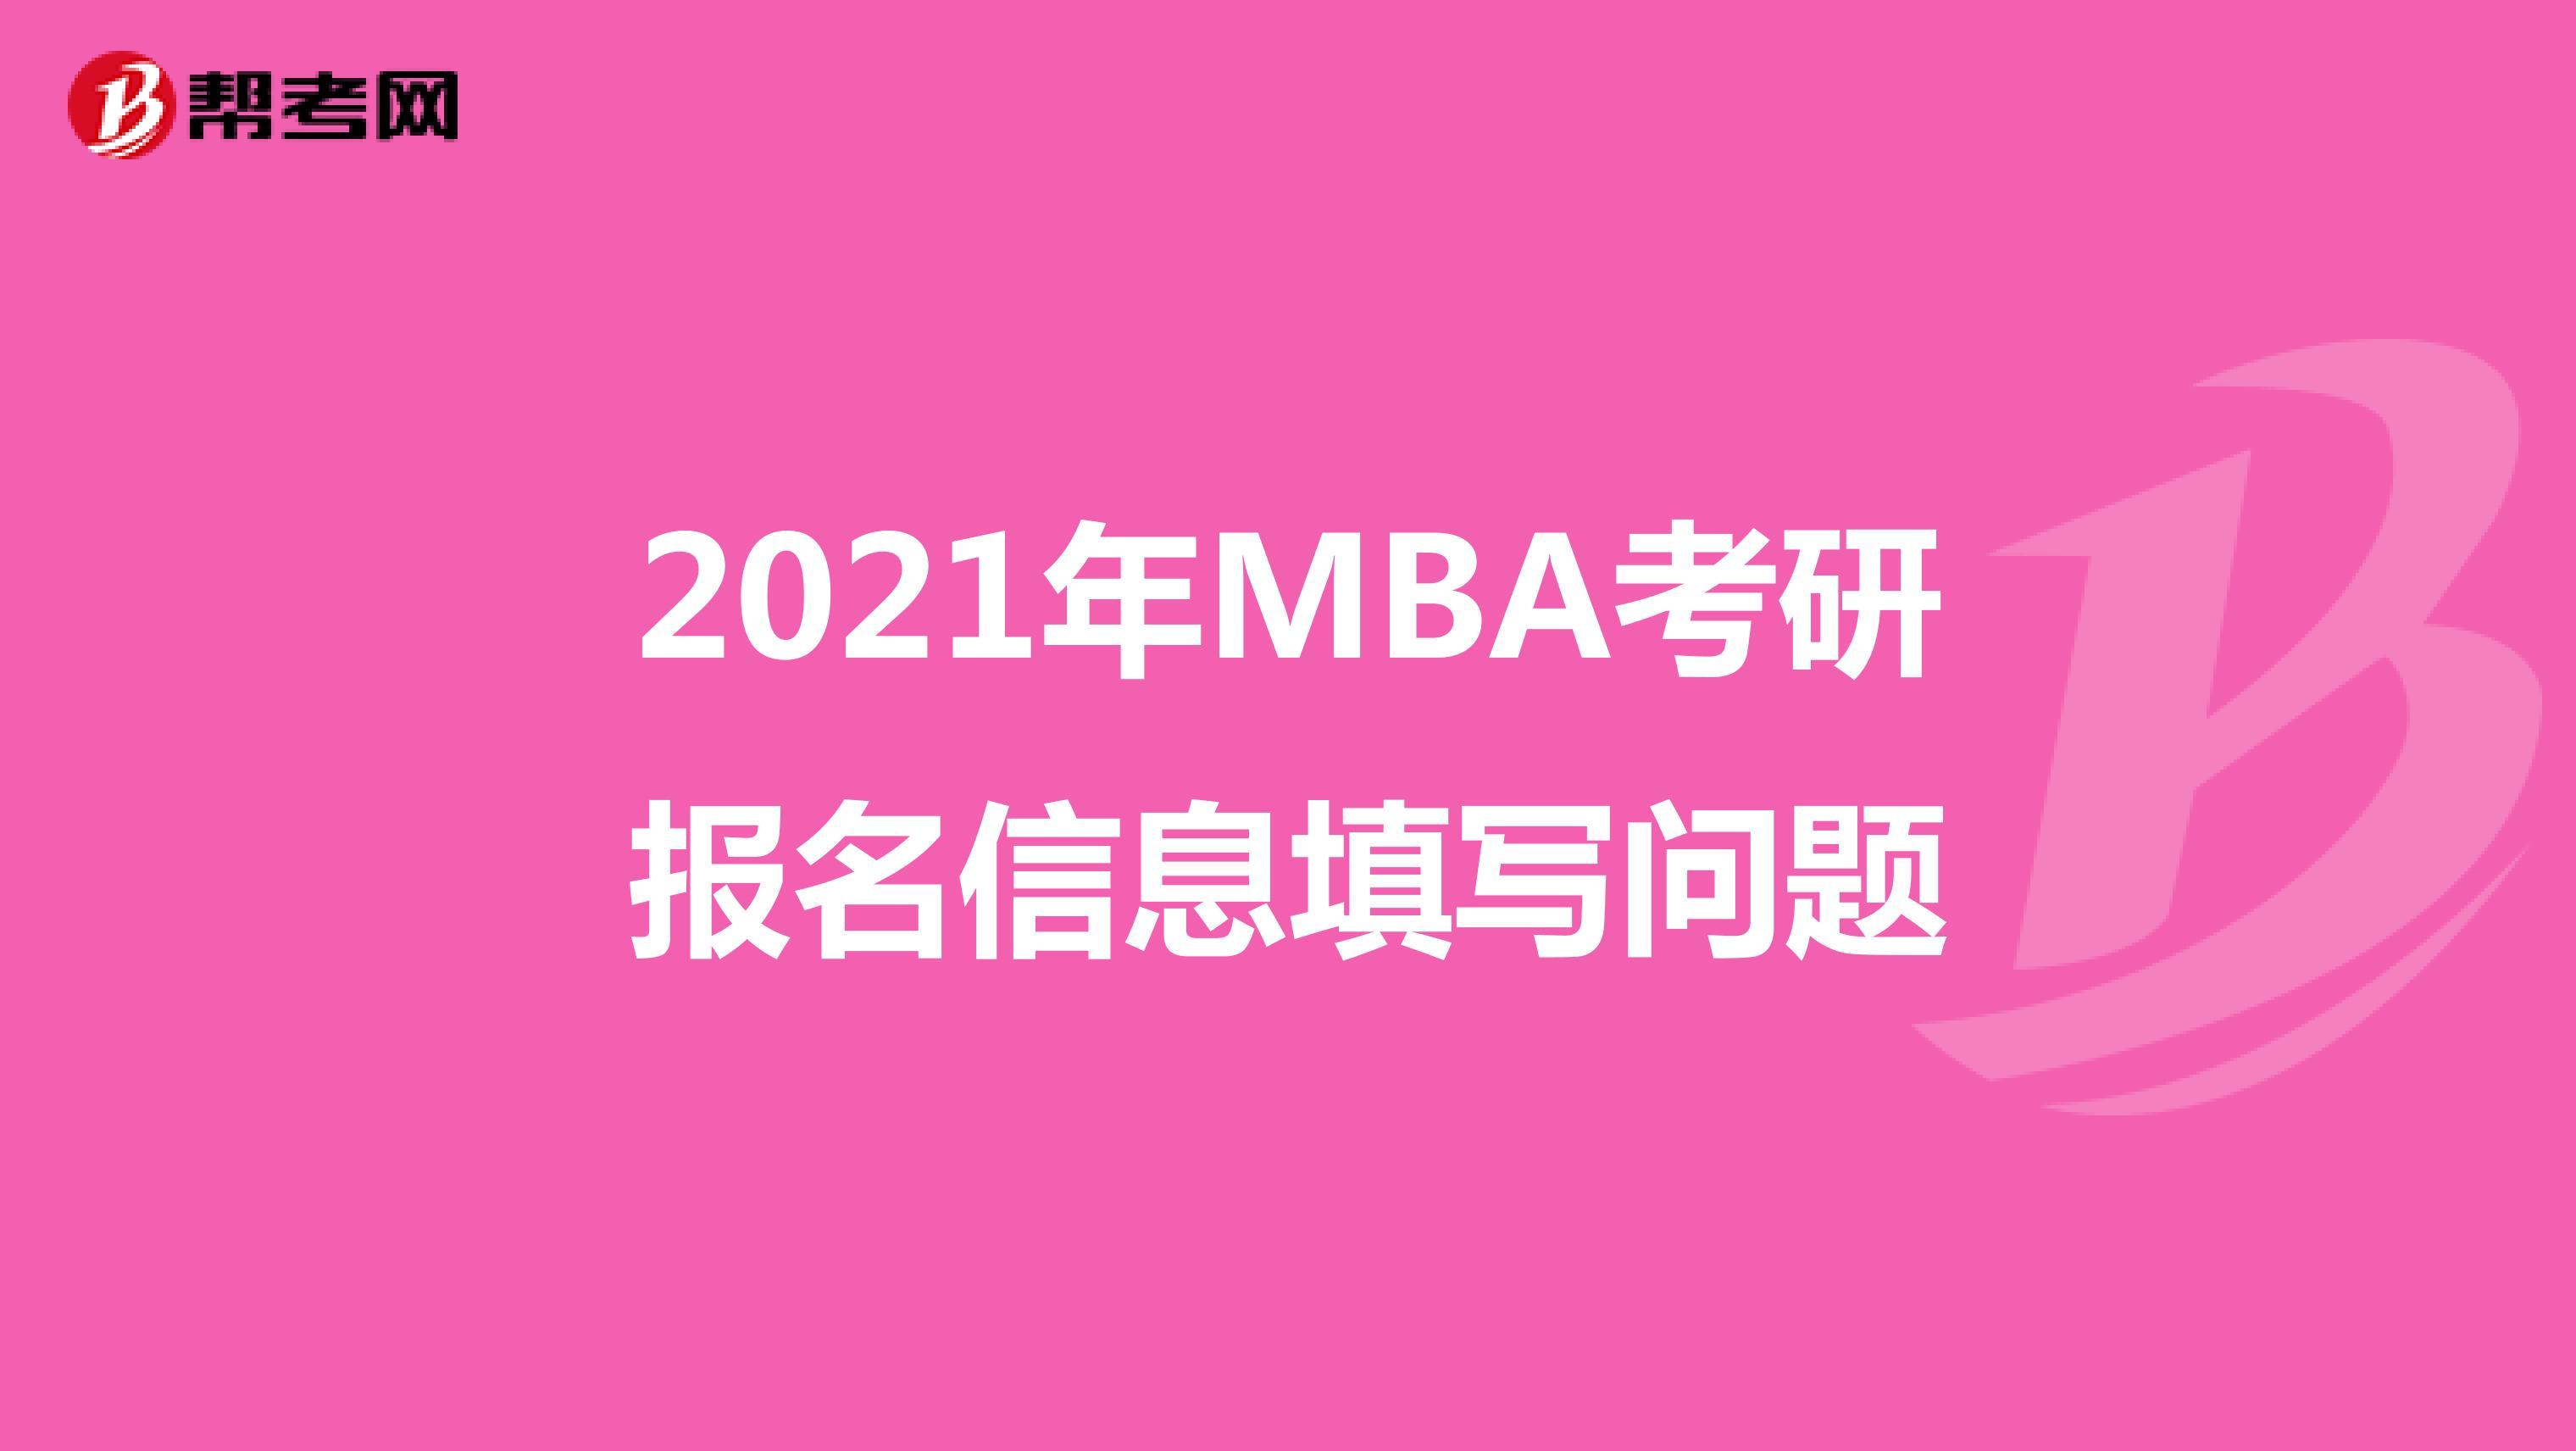 2021年MBA考研报名信息填写问题